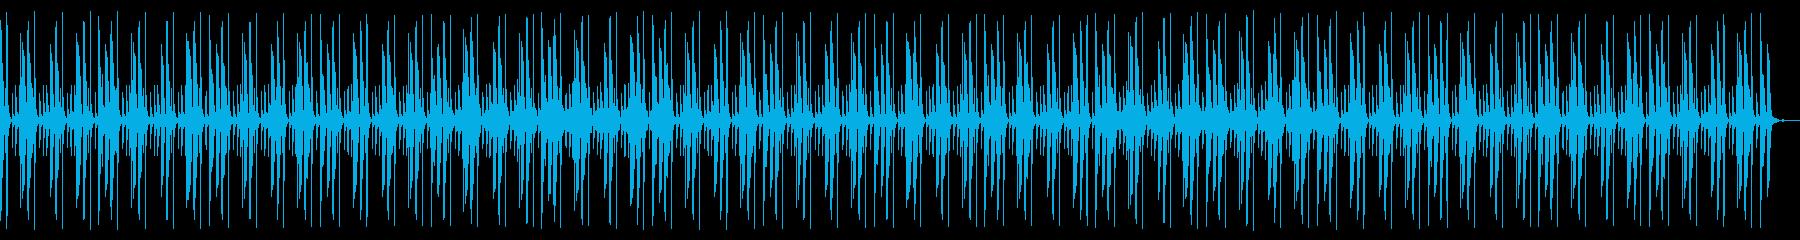 トラップ ヒップホップ 劇的な エ...の再生済みの波形